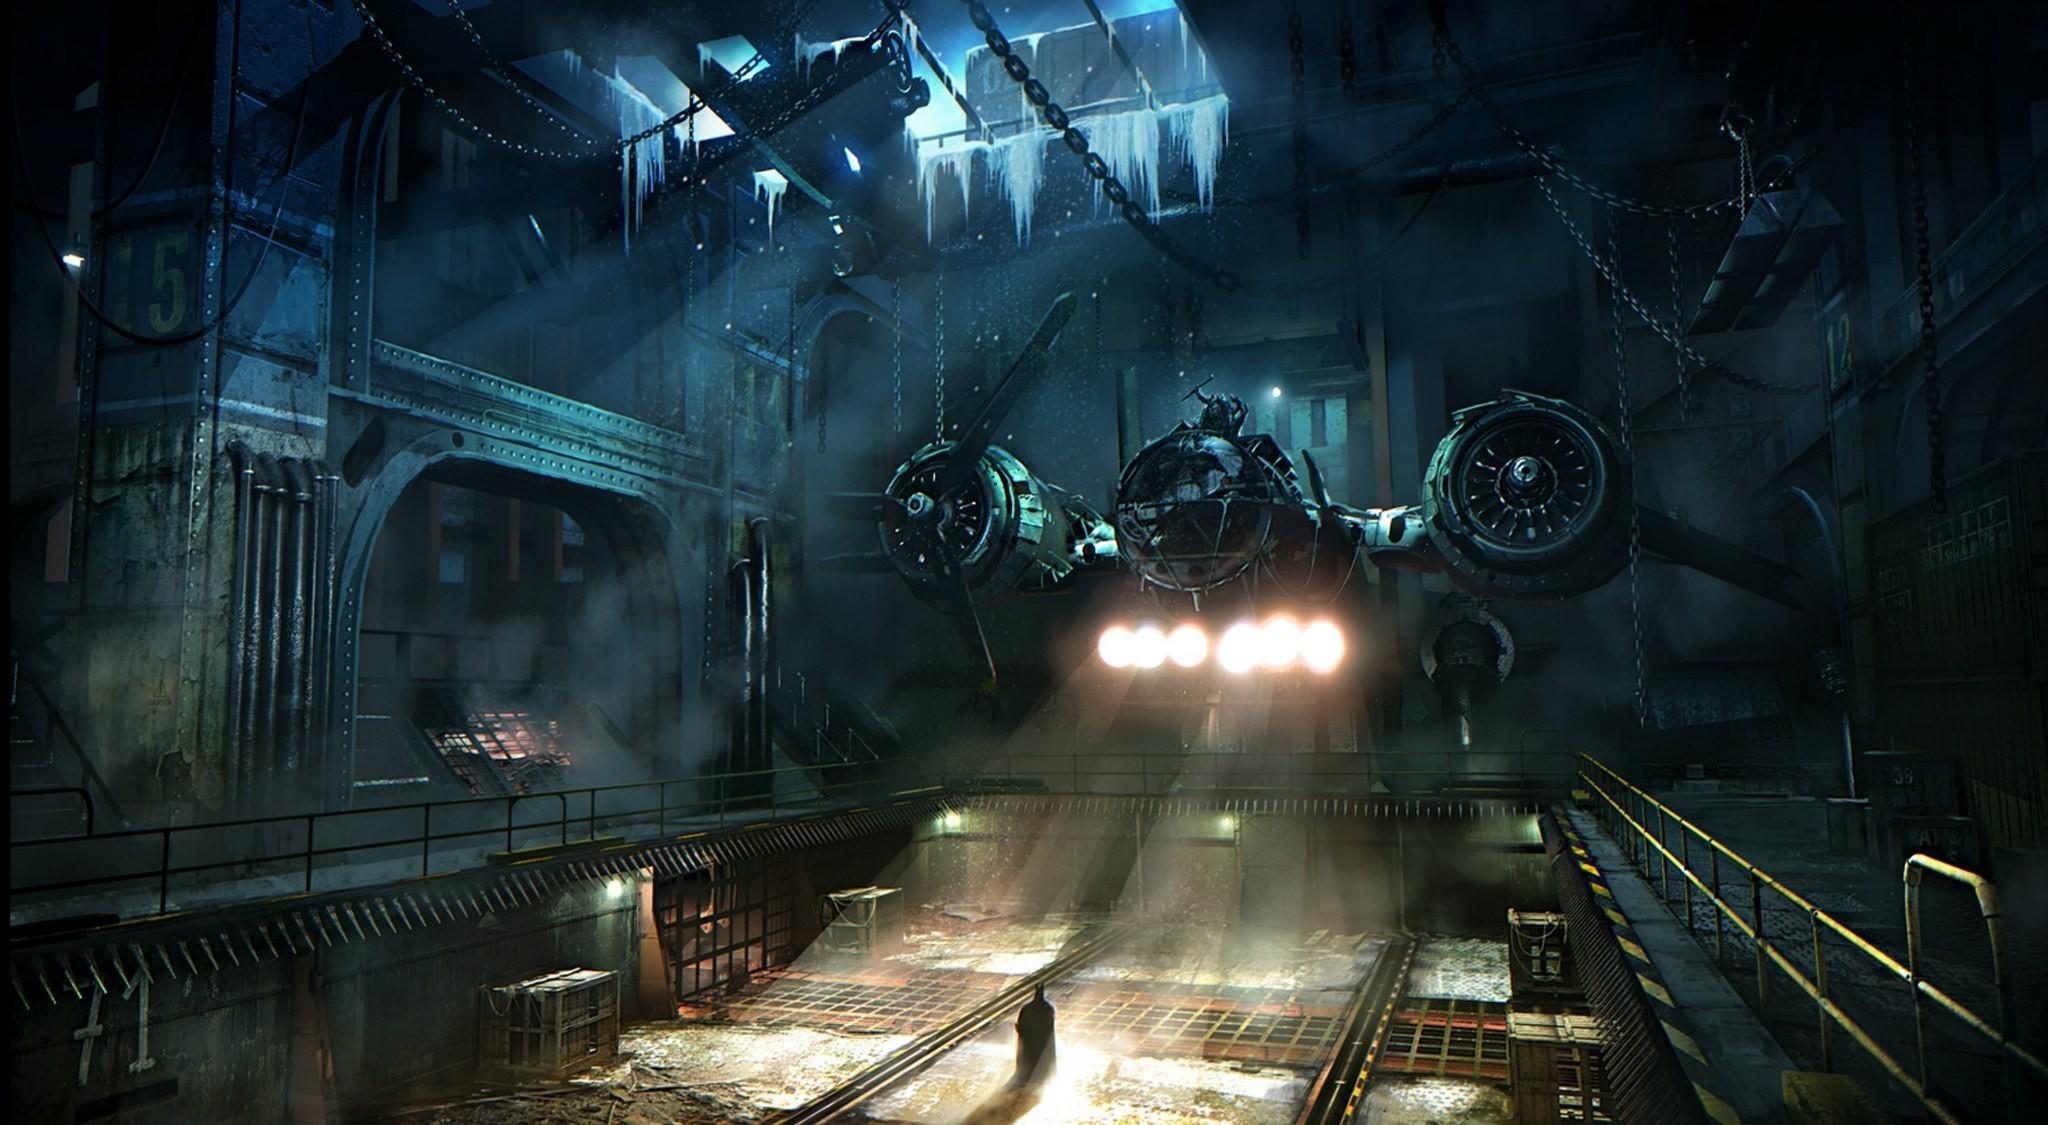 Batman aircraft gotham city artwork arkham origins (2048×1125, aircraft,  gotham, city,